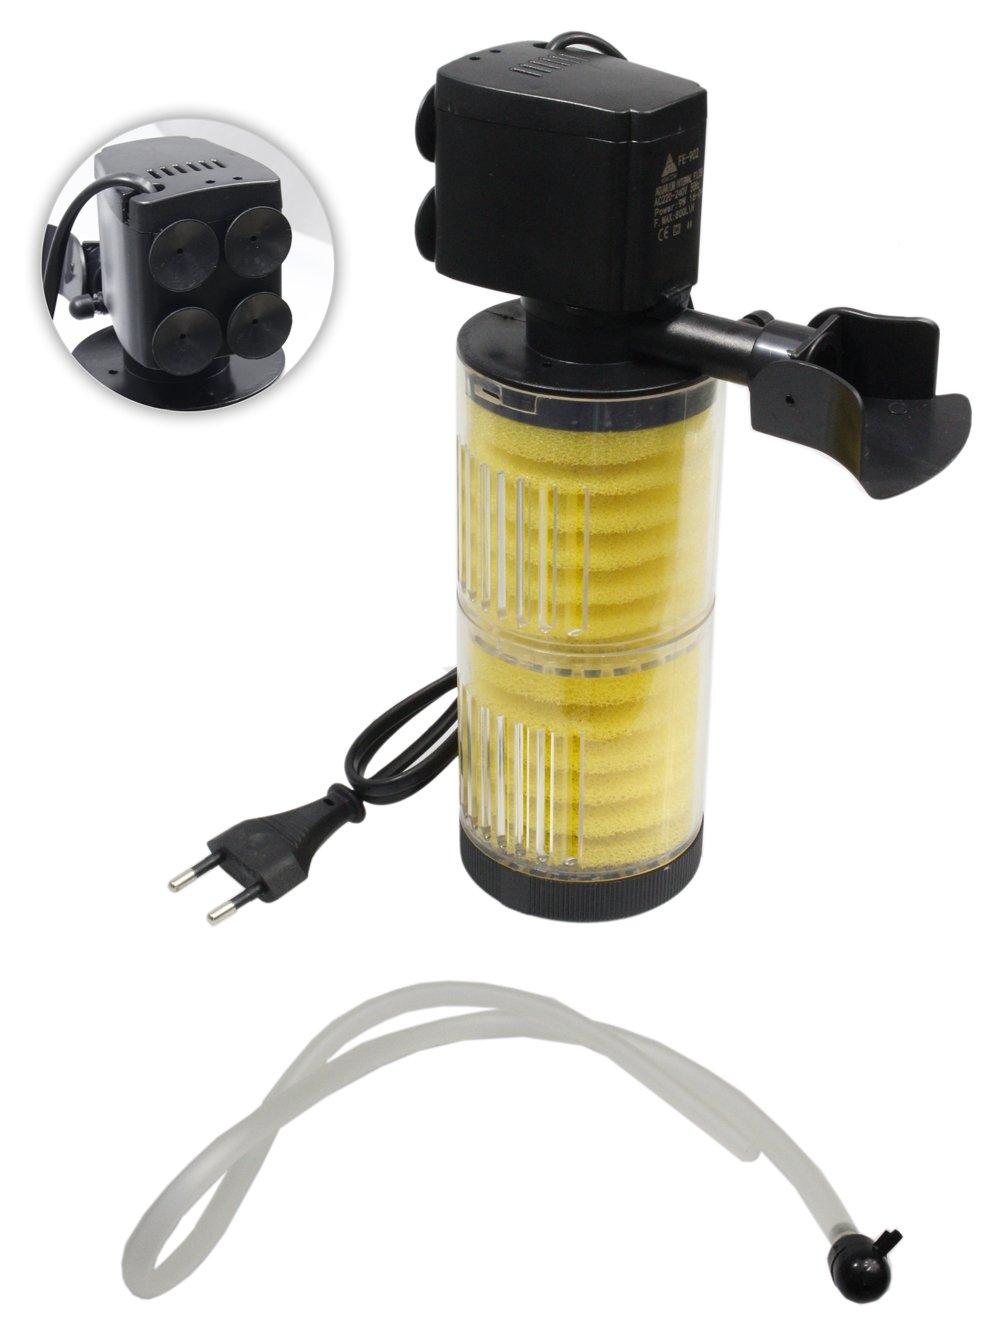 Filtro interno per acquario 9 watt 800L/H filtraggio meccanico pompa acqua spugna filtrante immergibile FE-902 A24 Asian Star